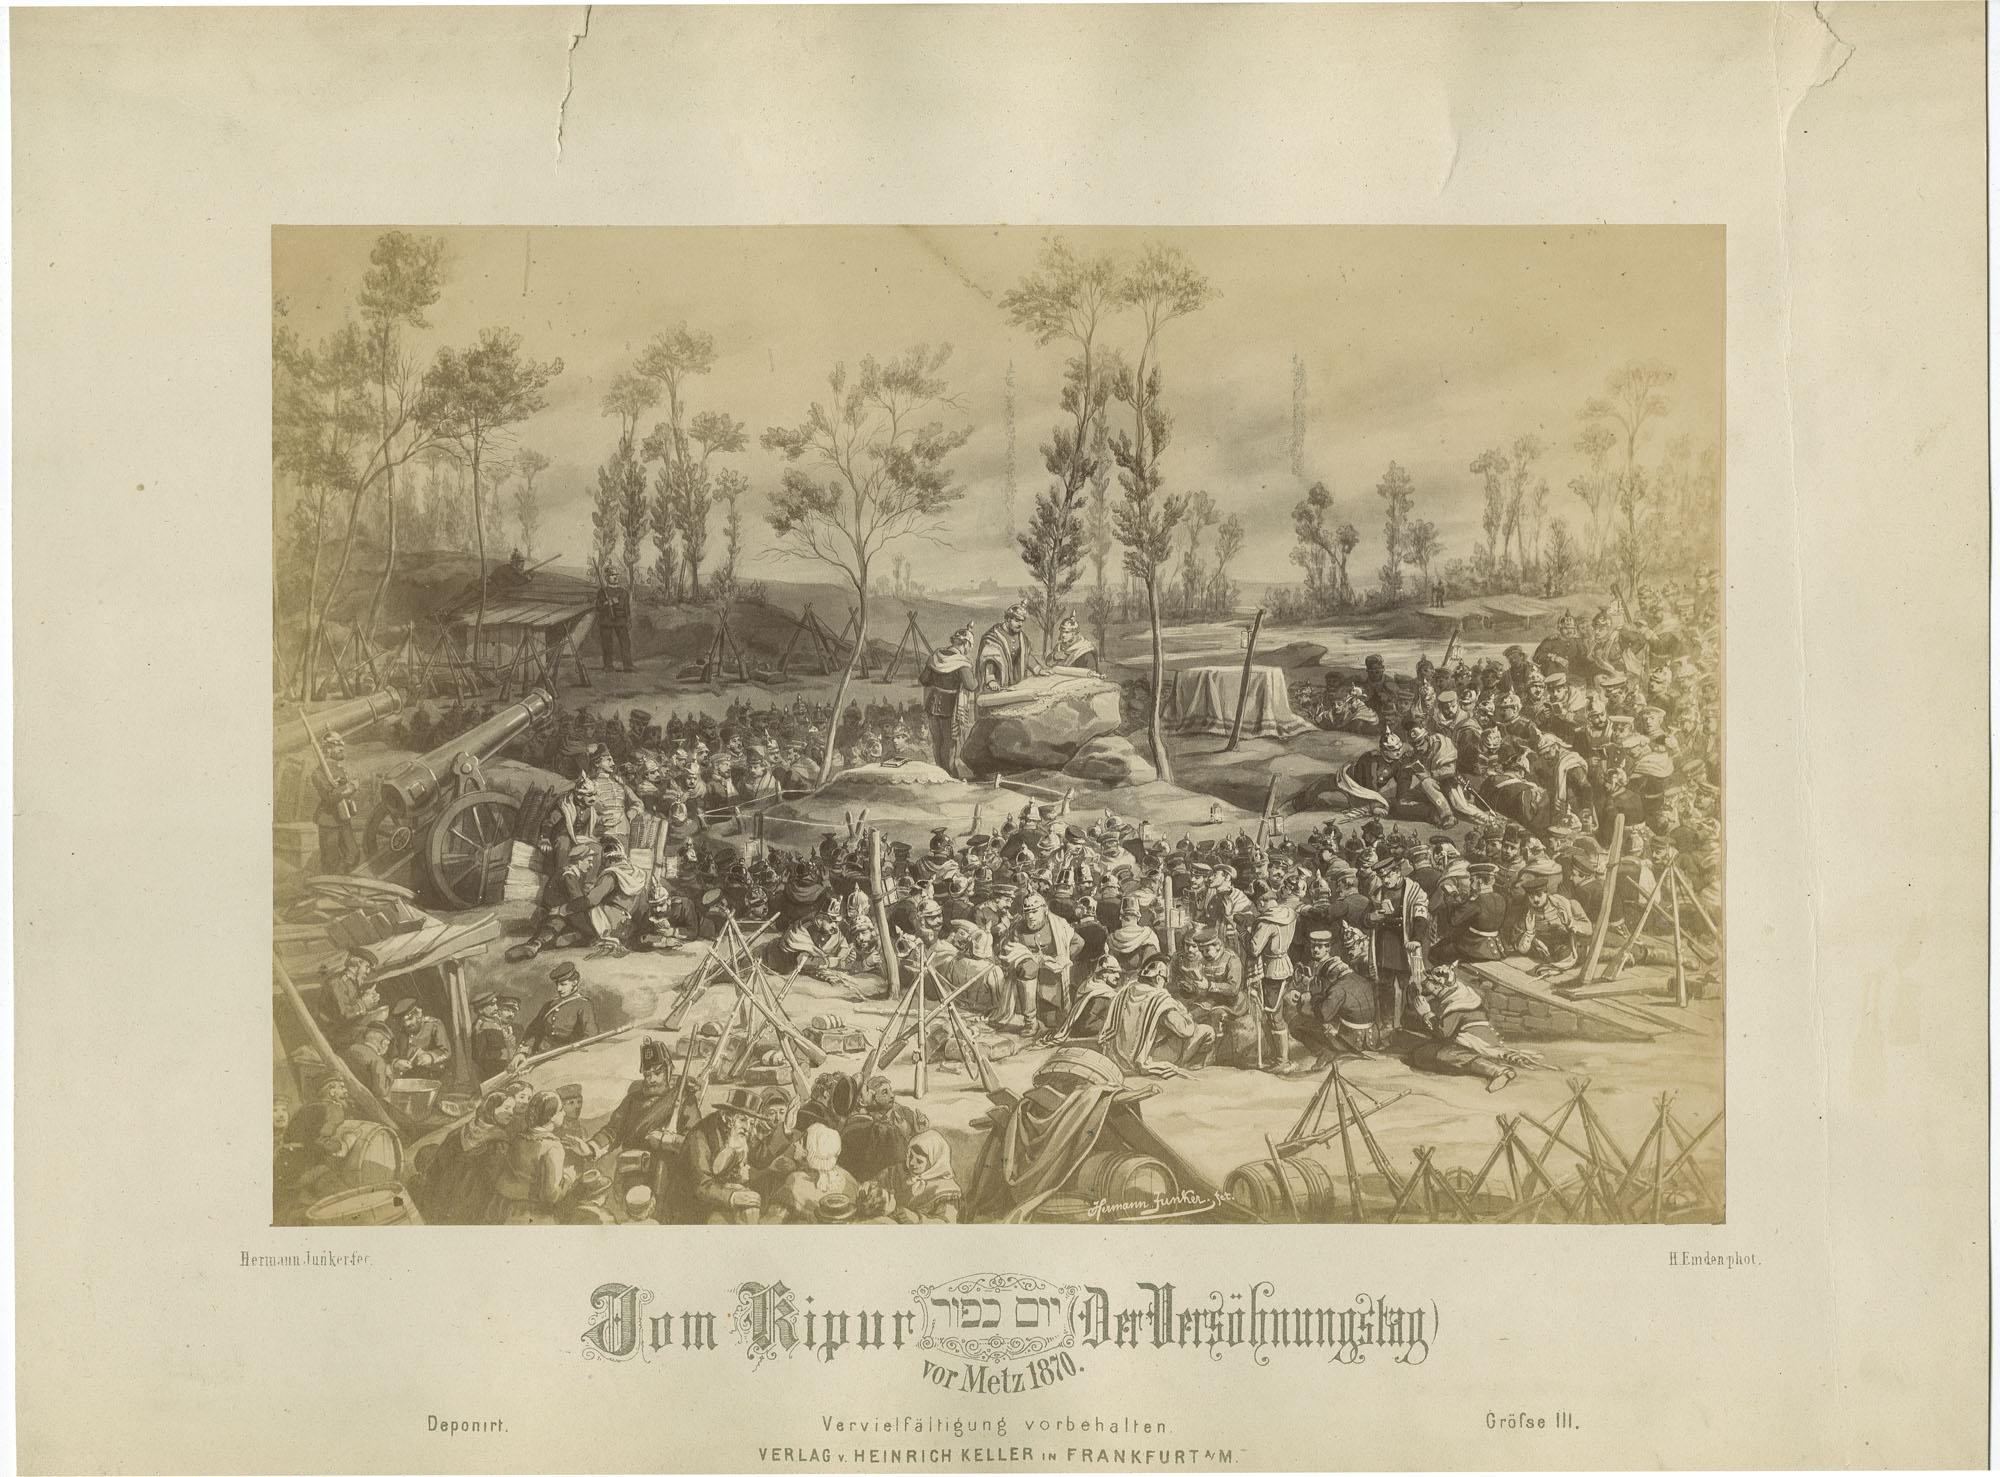 Jom Kippur (Der Versöhnungstag) vor Metz 1870